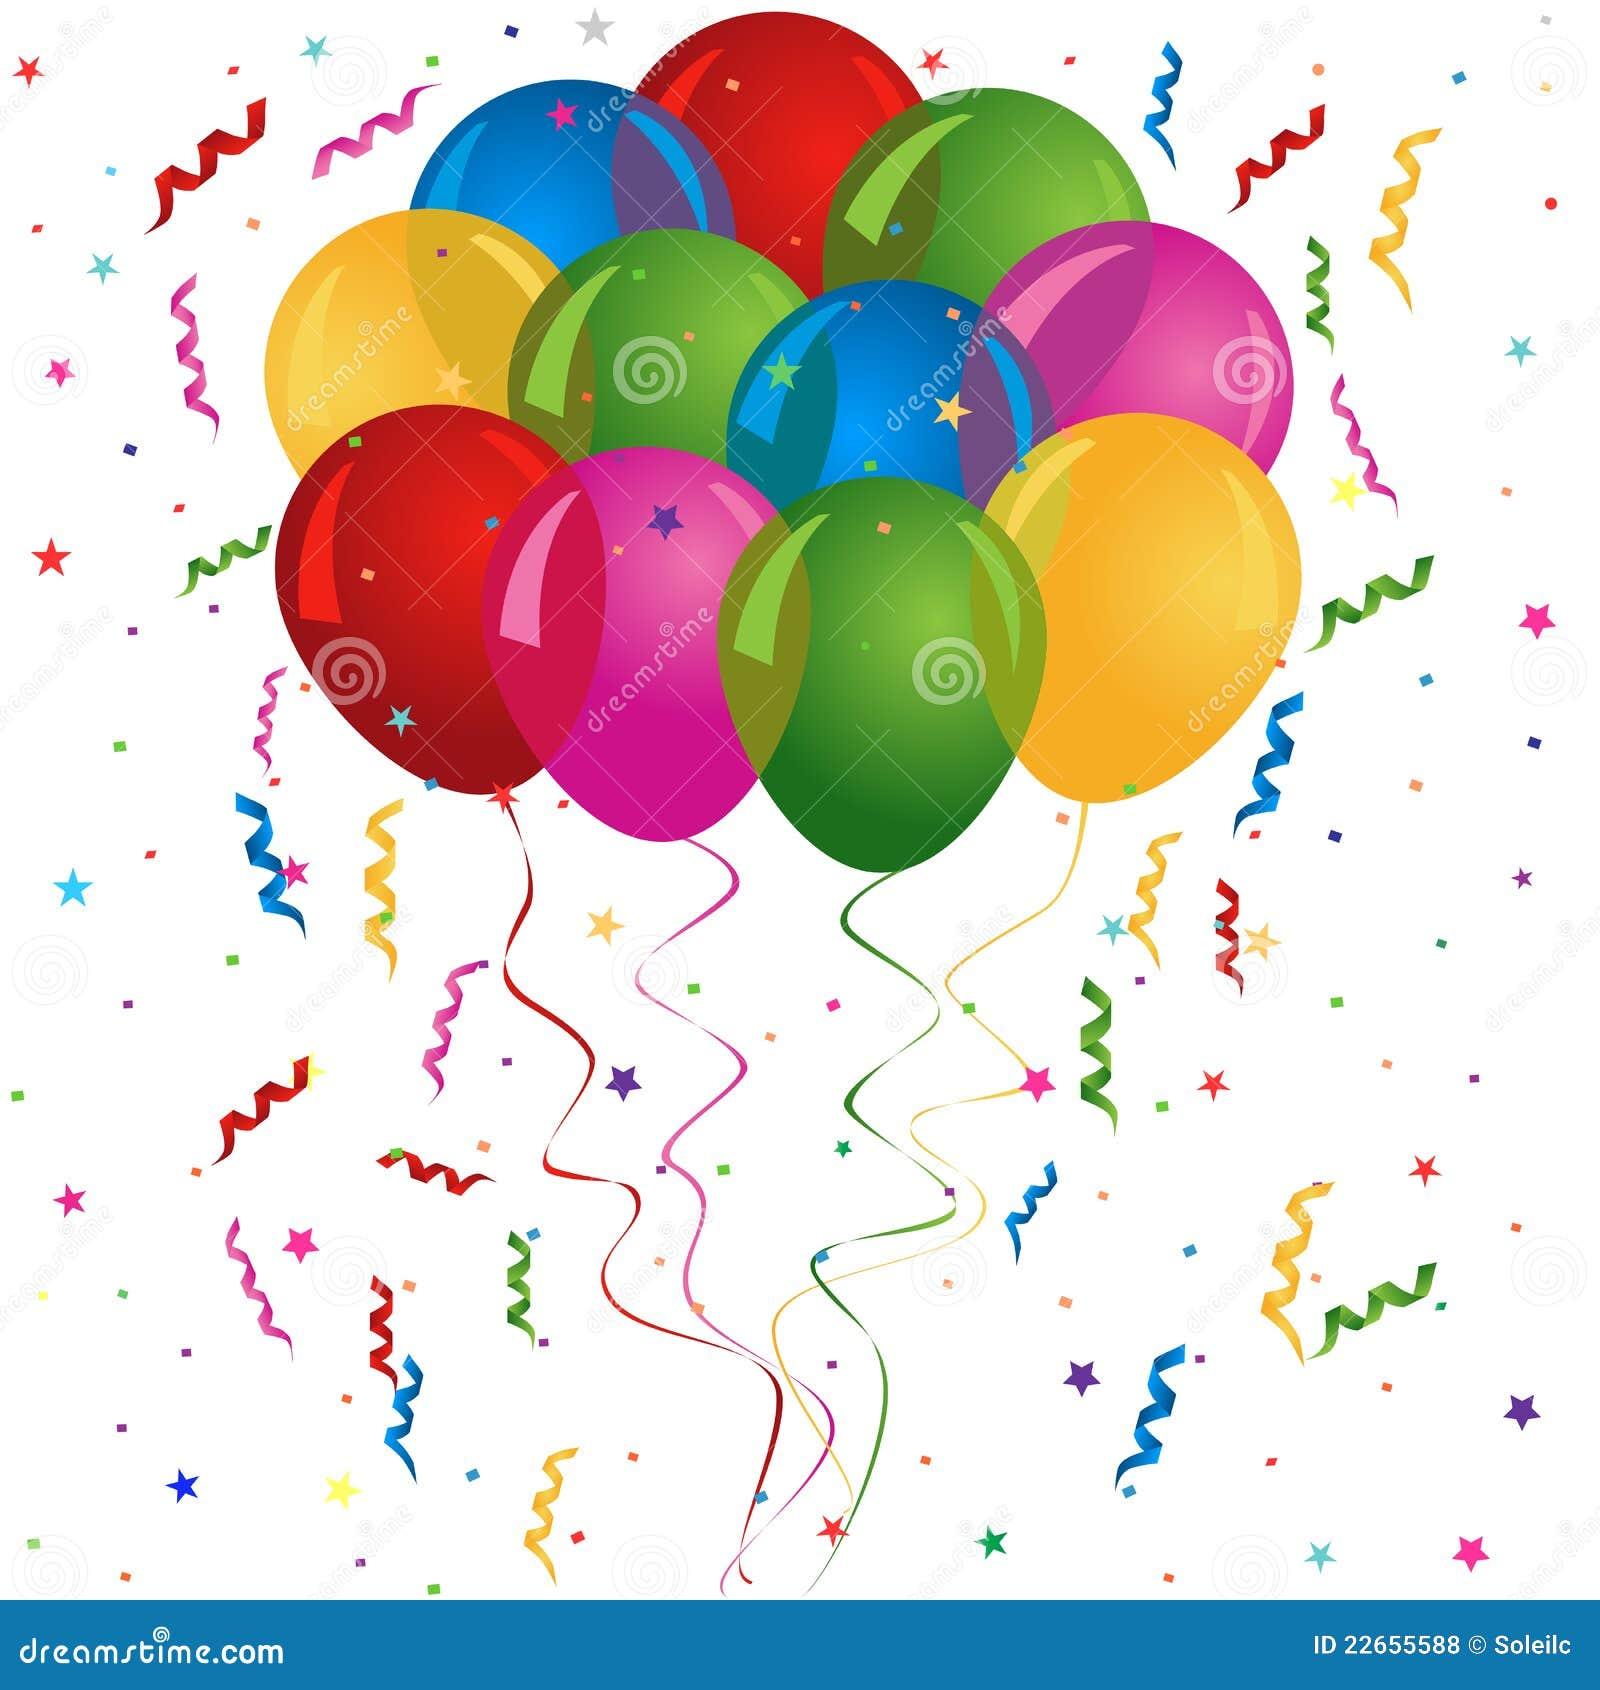 globos para el cumplea os o el partido fotos de archivo On imagenes de globos de cumpleanos